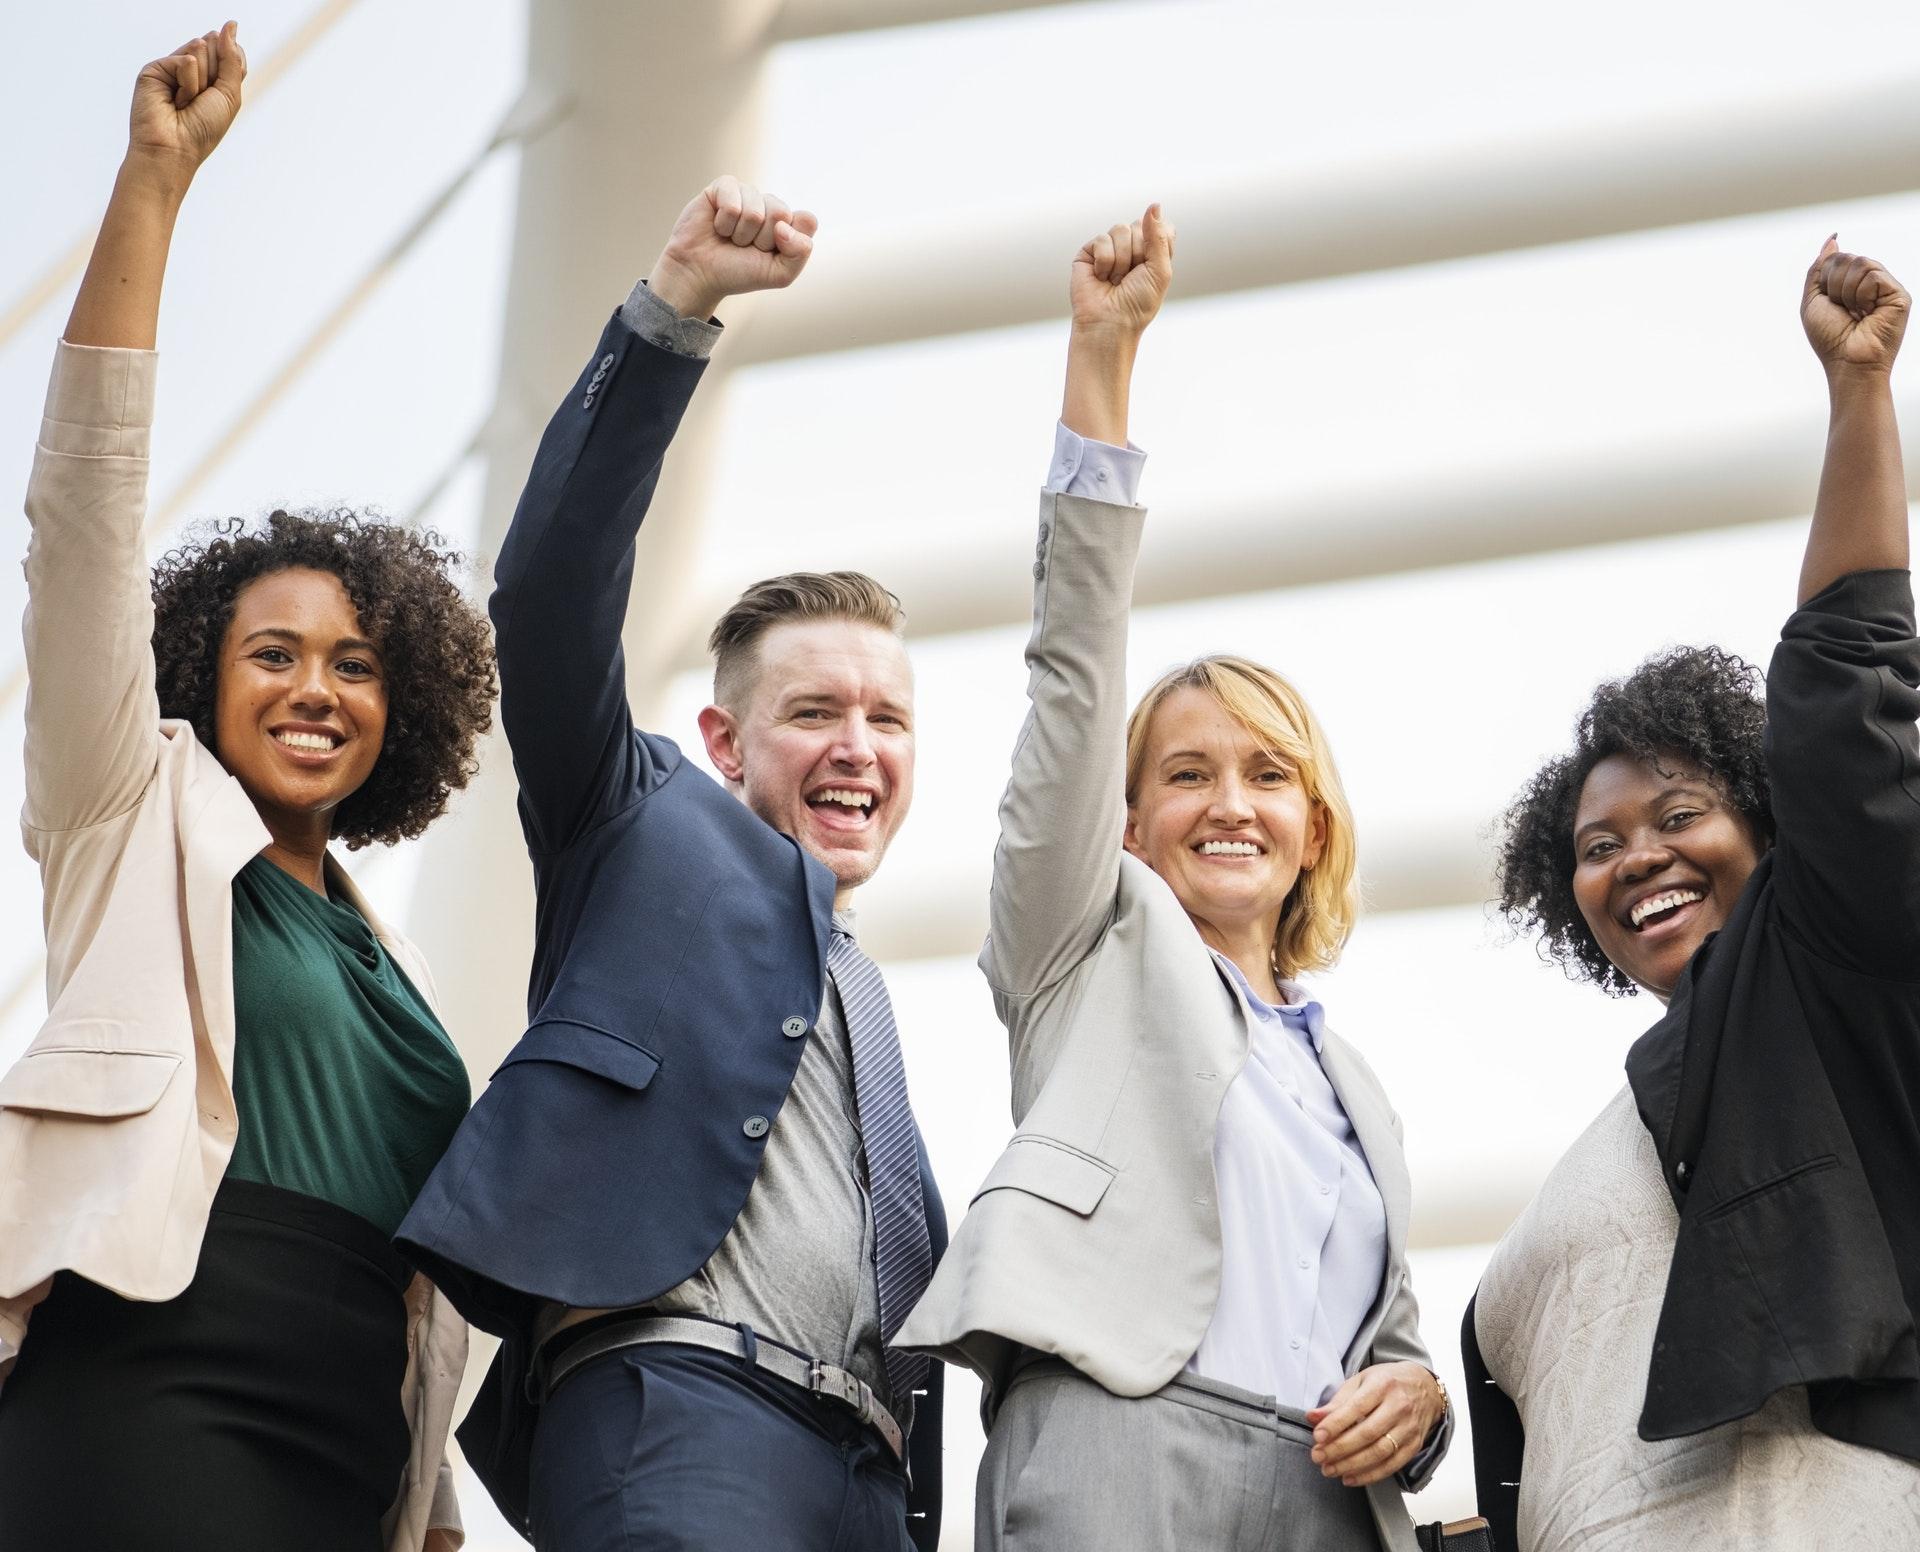 başarıyla tamamlanmış bir işe sevinmek